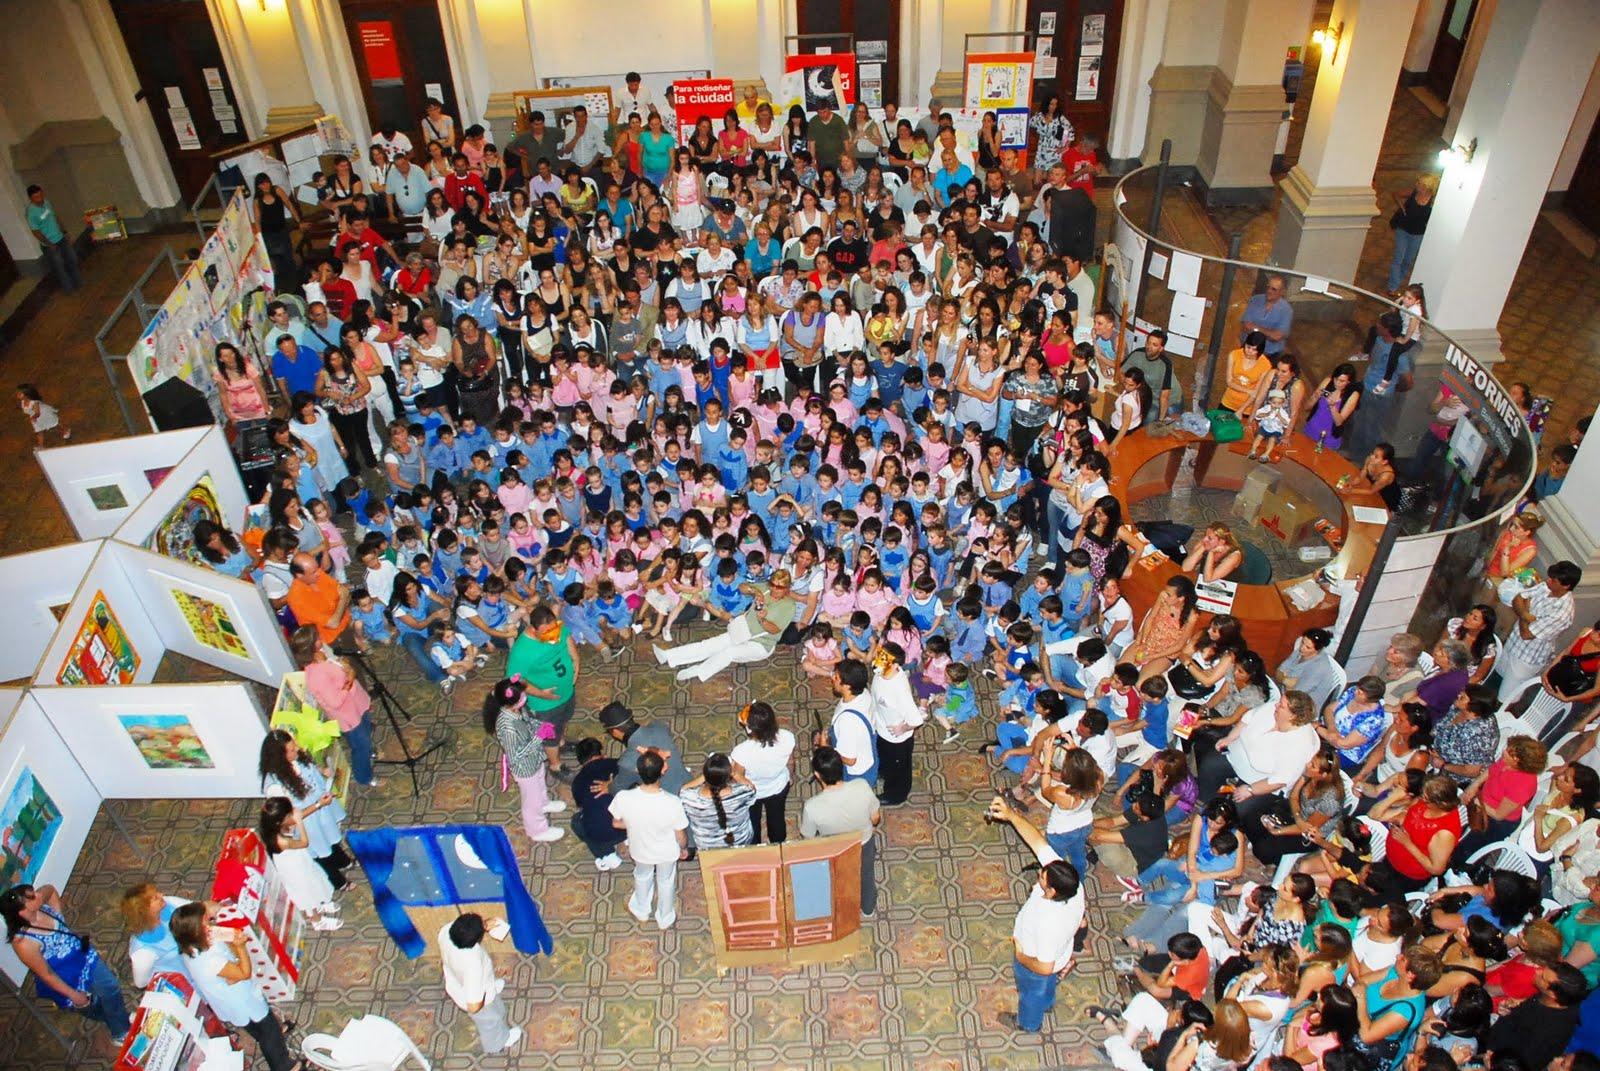 Bajitos solidarios bah a blanca gesti n municipal for Jardin 901 bahia blanca